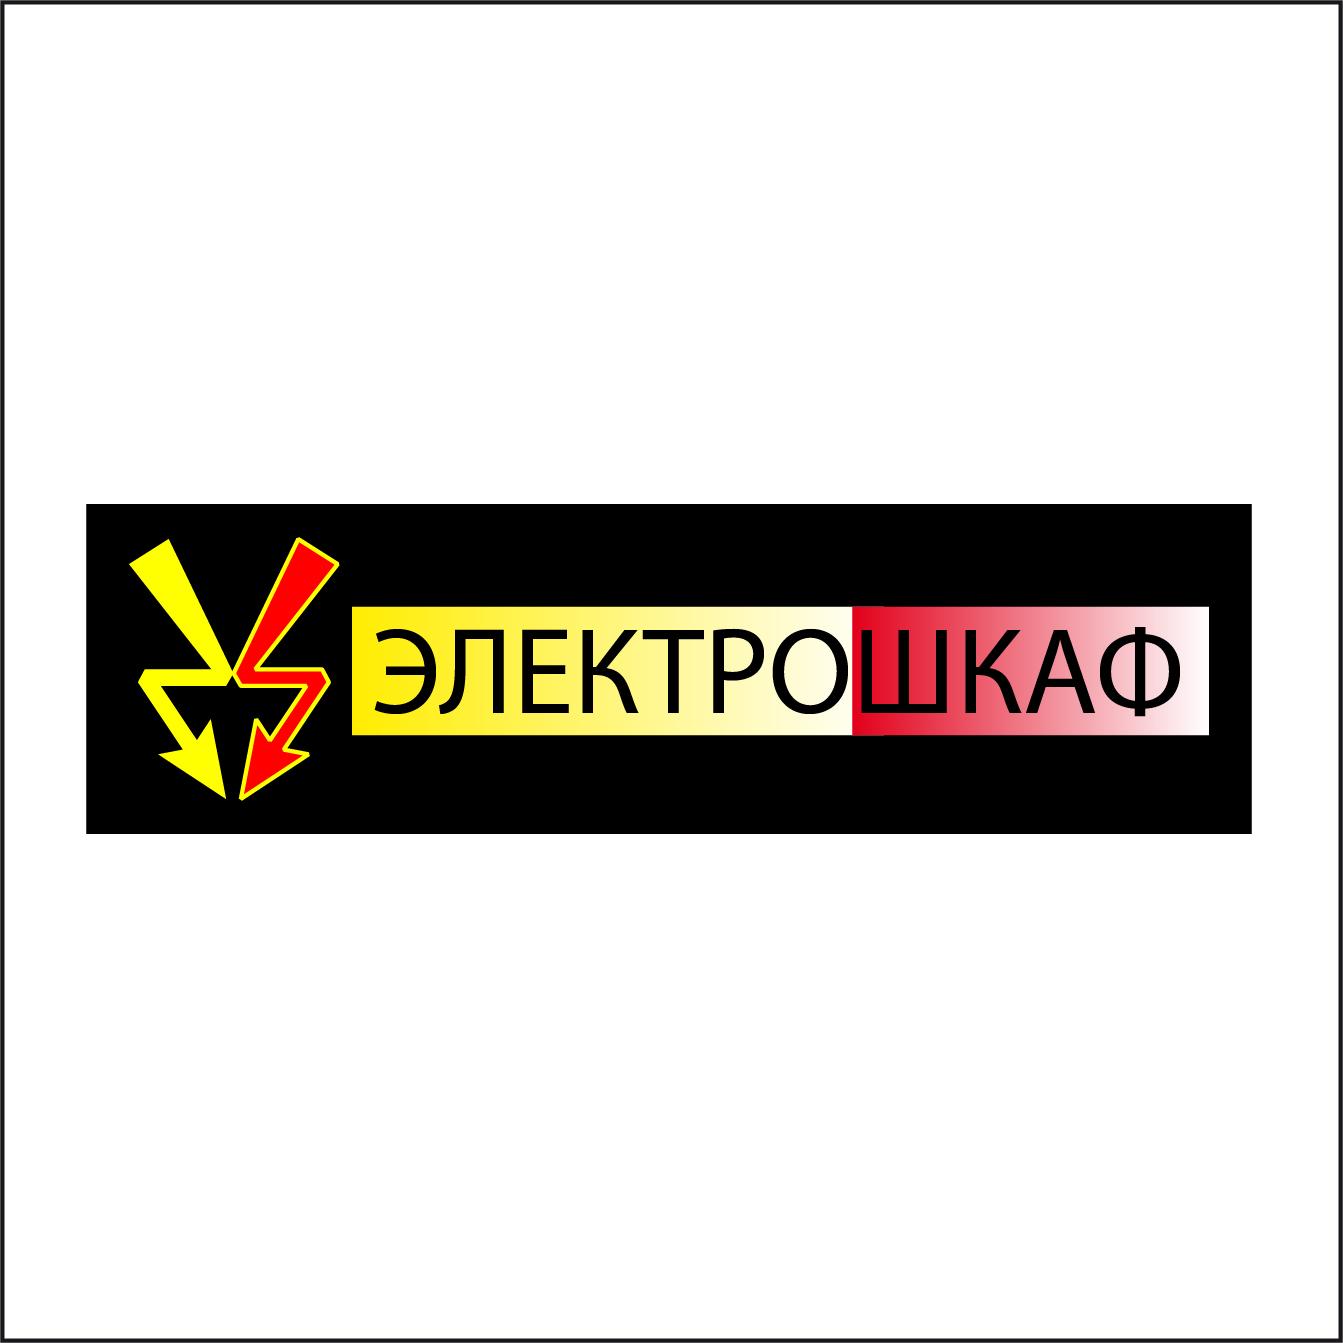 Разработать логотип для завода по производству электрощитов фото f_4865b6df92924ebc.jpg